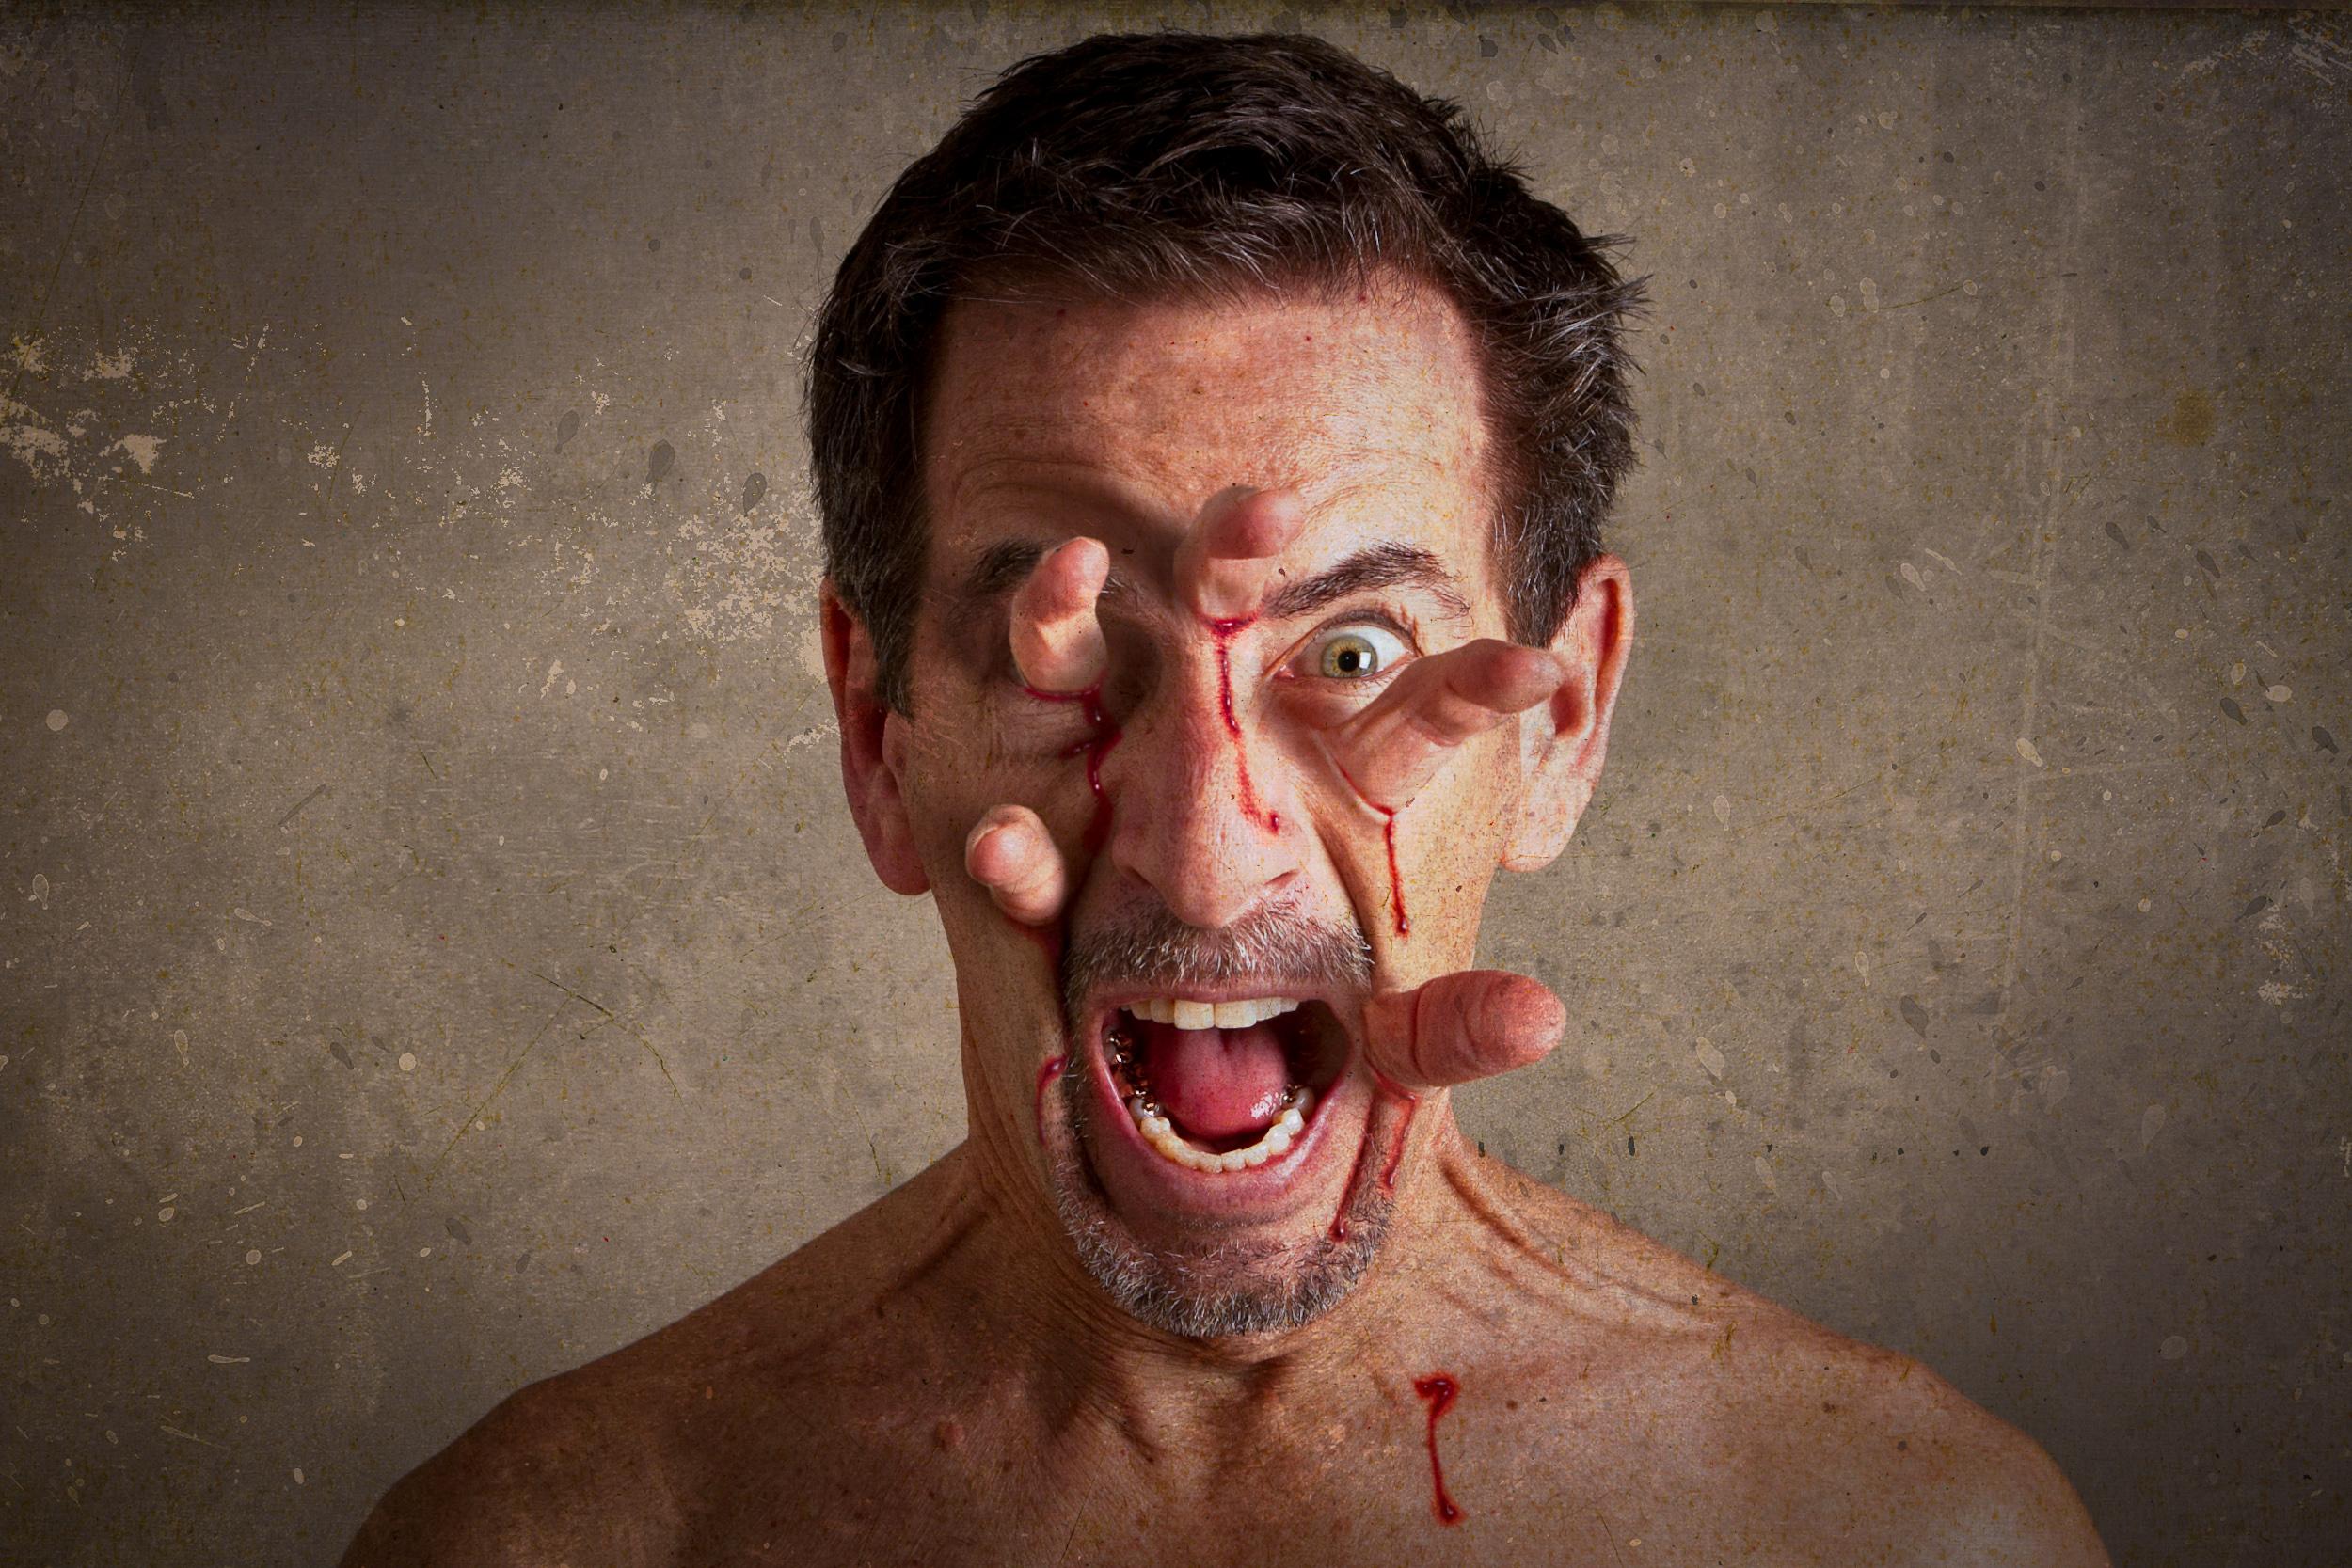 зловещие лица картинки фотографии варежек